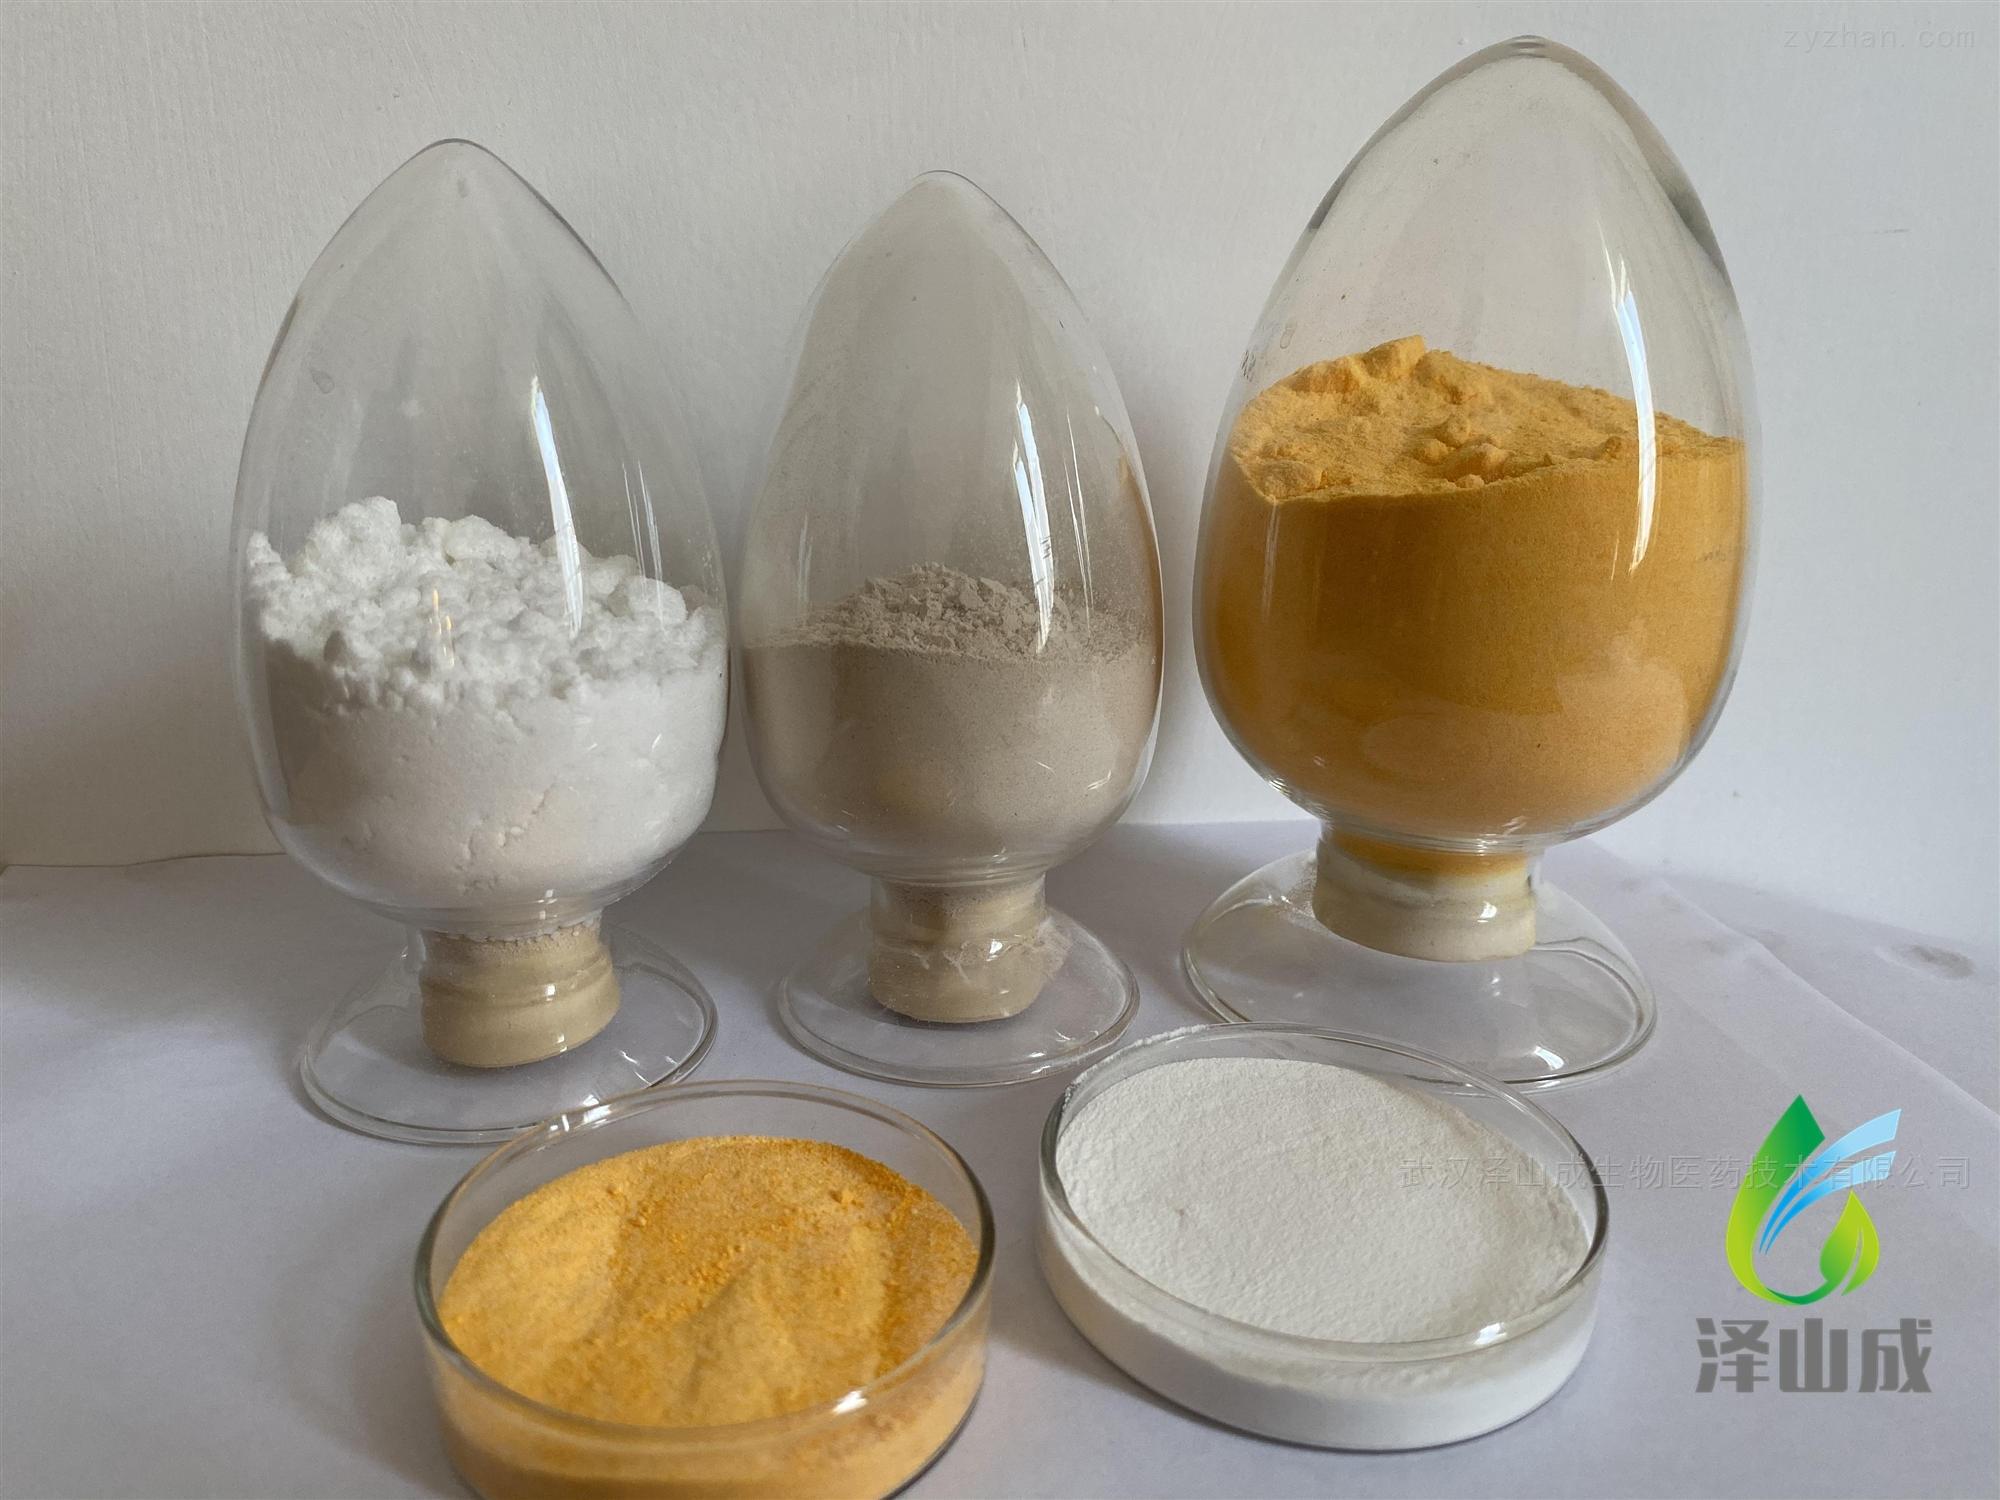 化妆品添加剂 阿伏苯宗